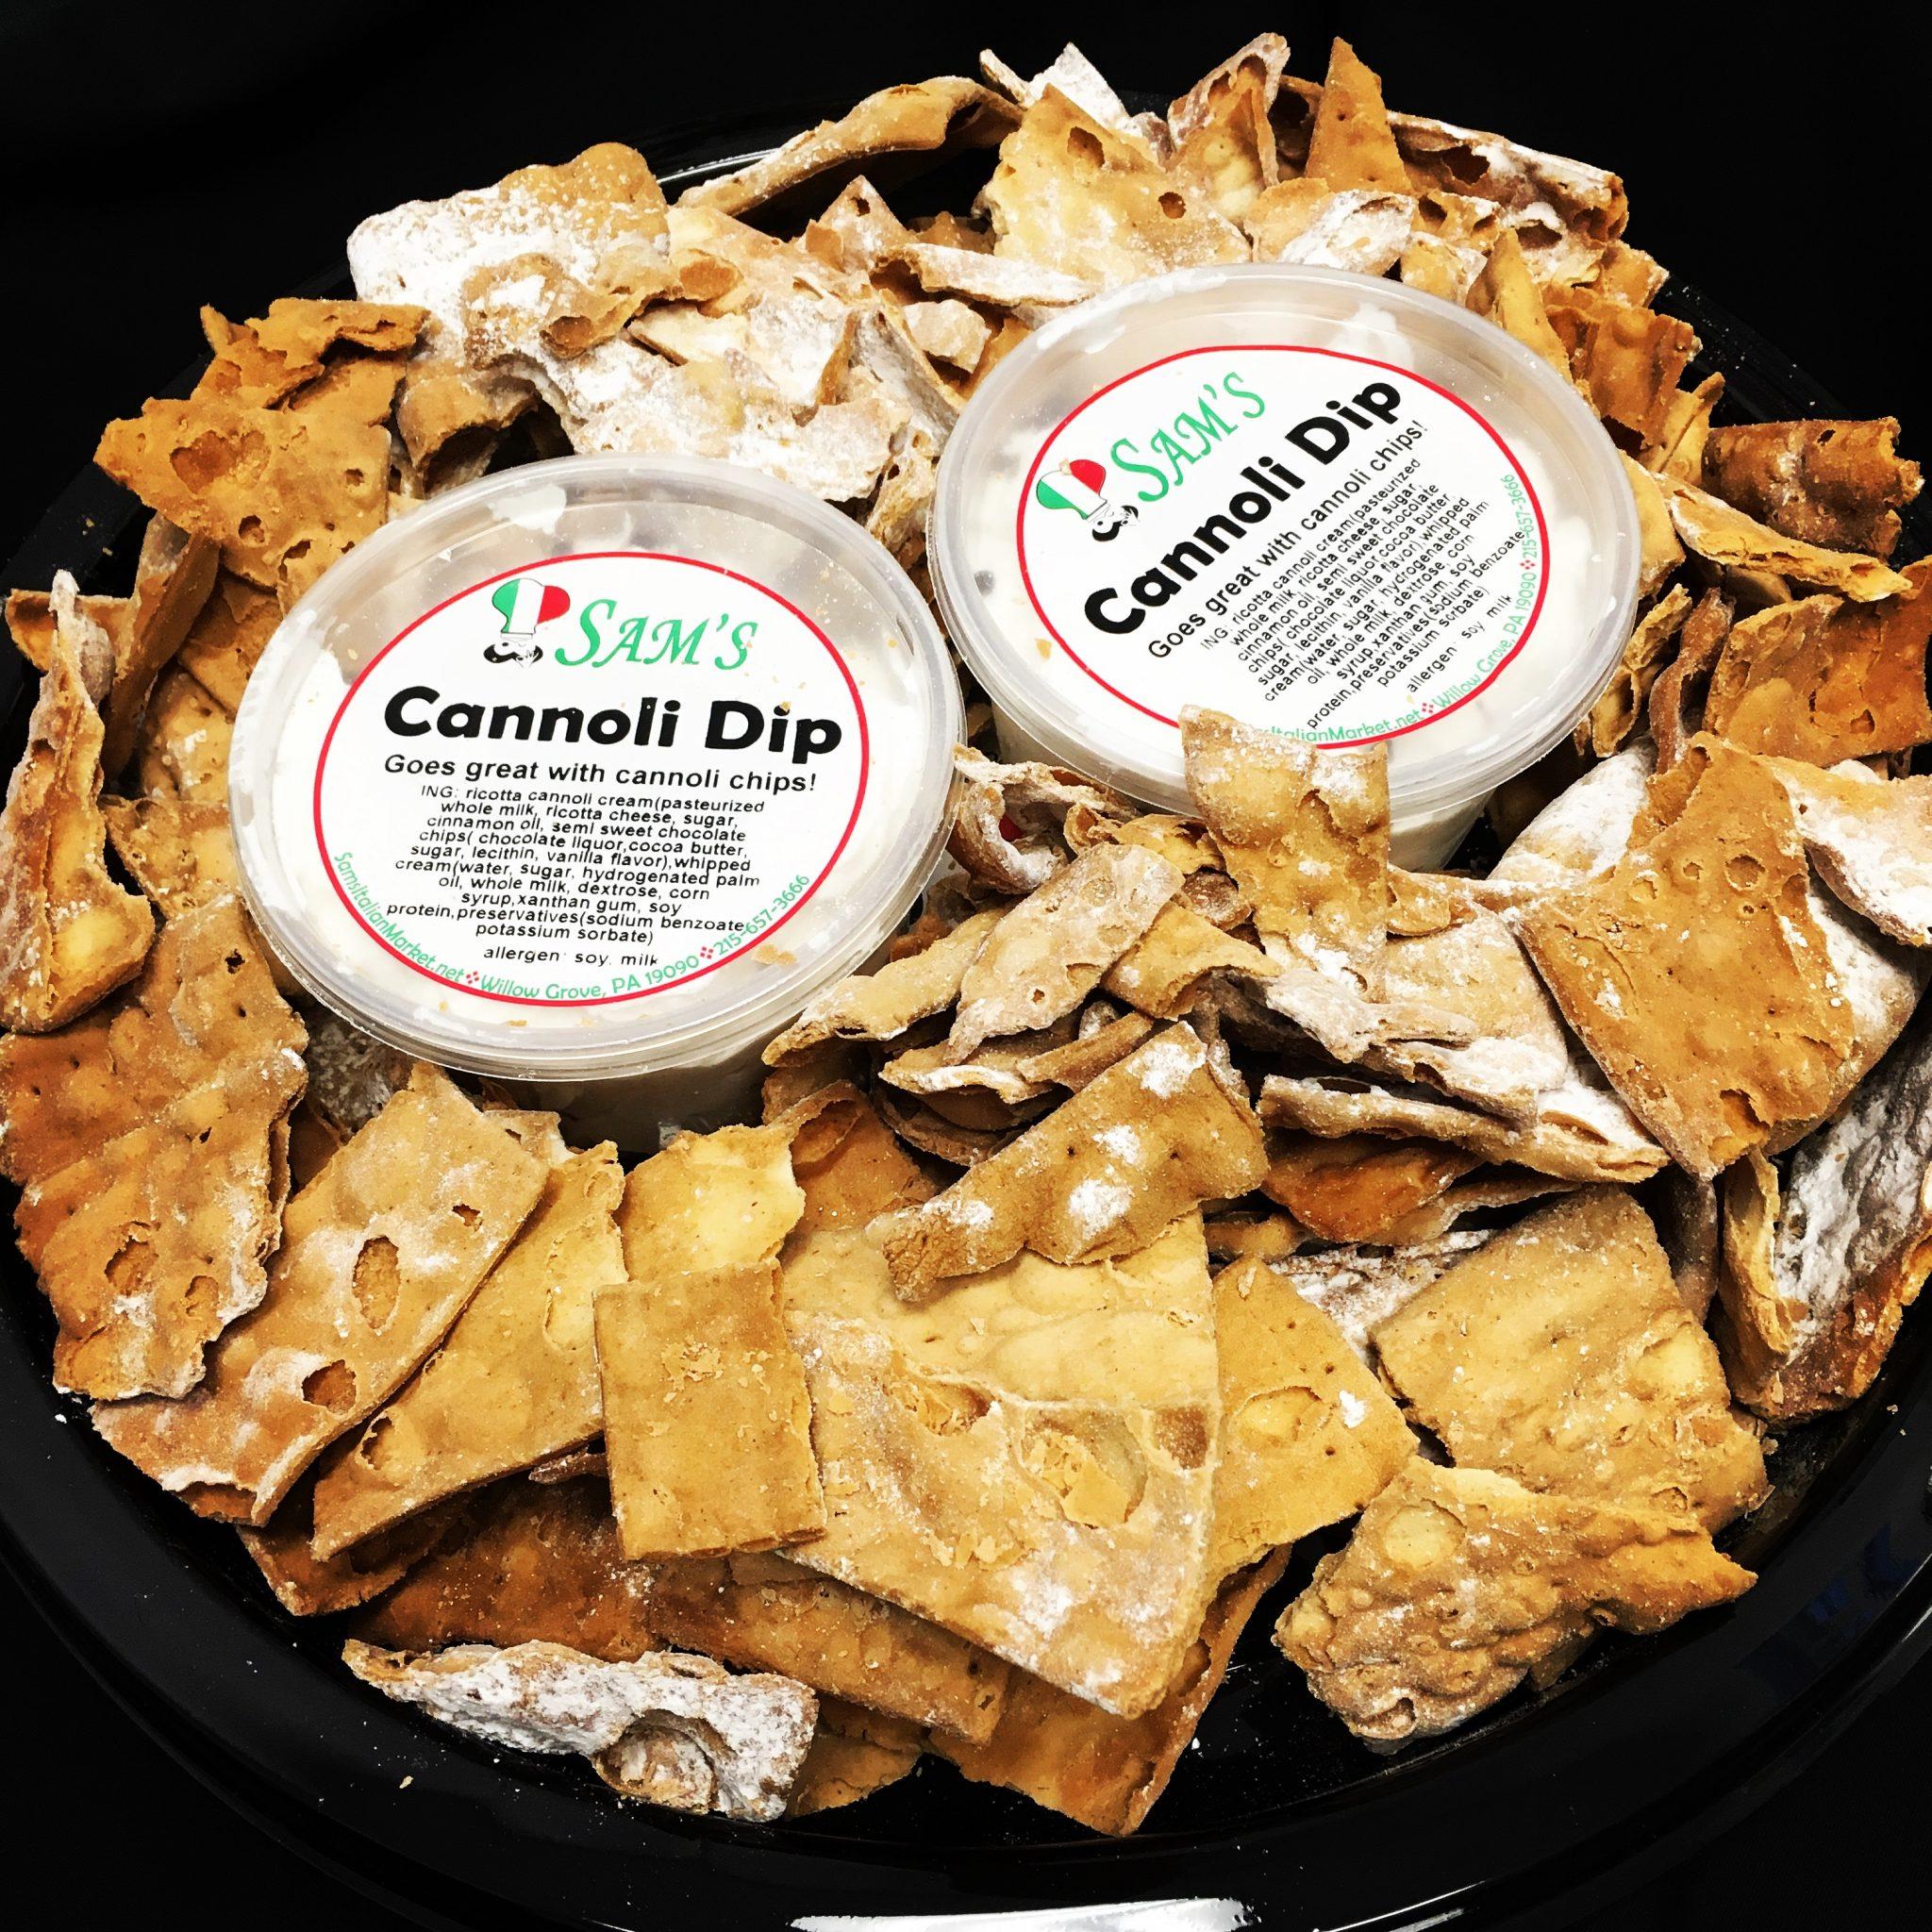 Cannoli Dip Tray